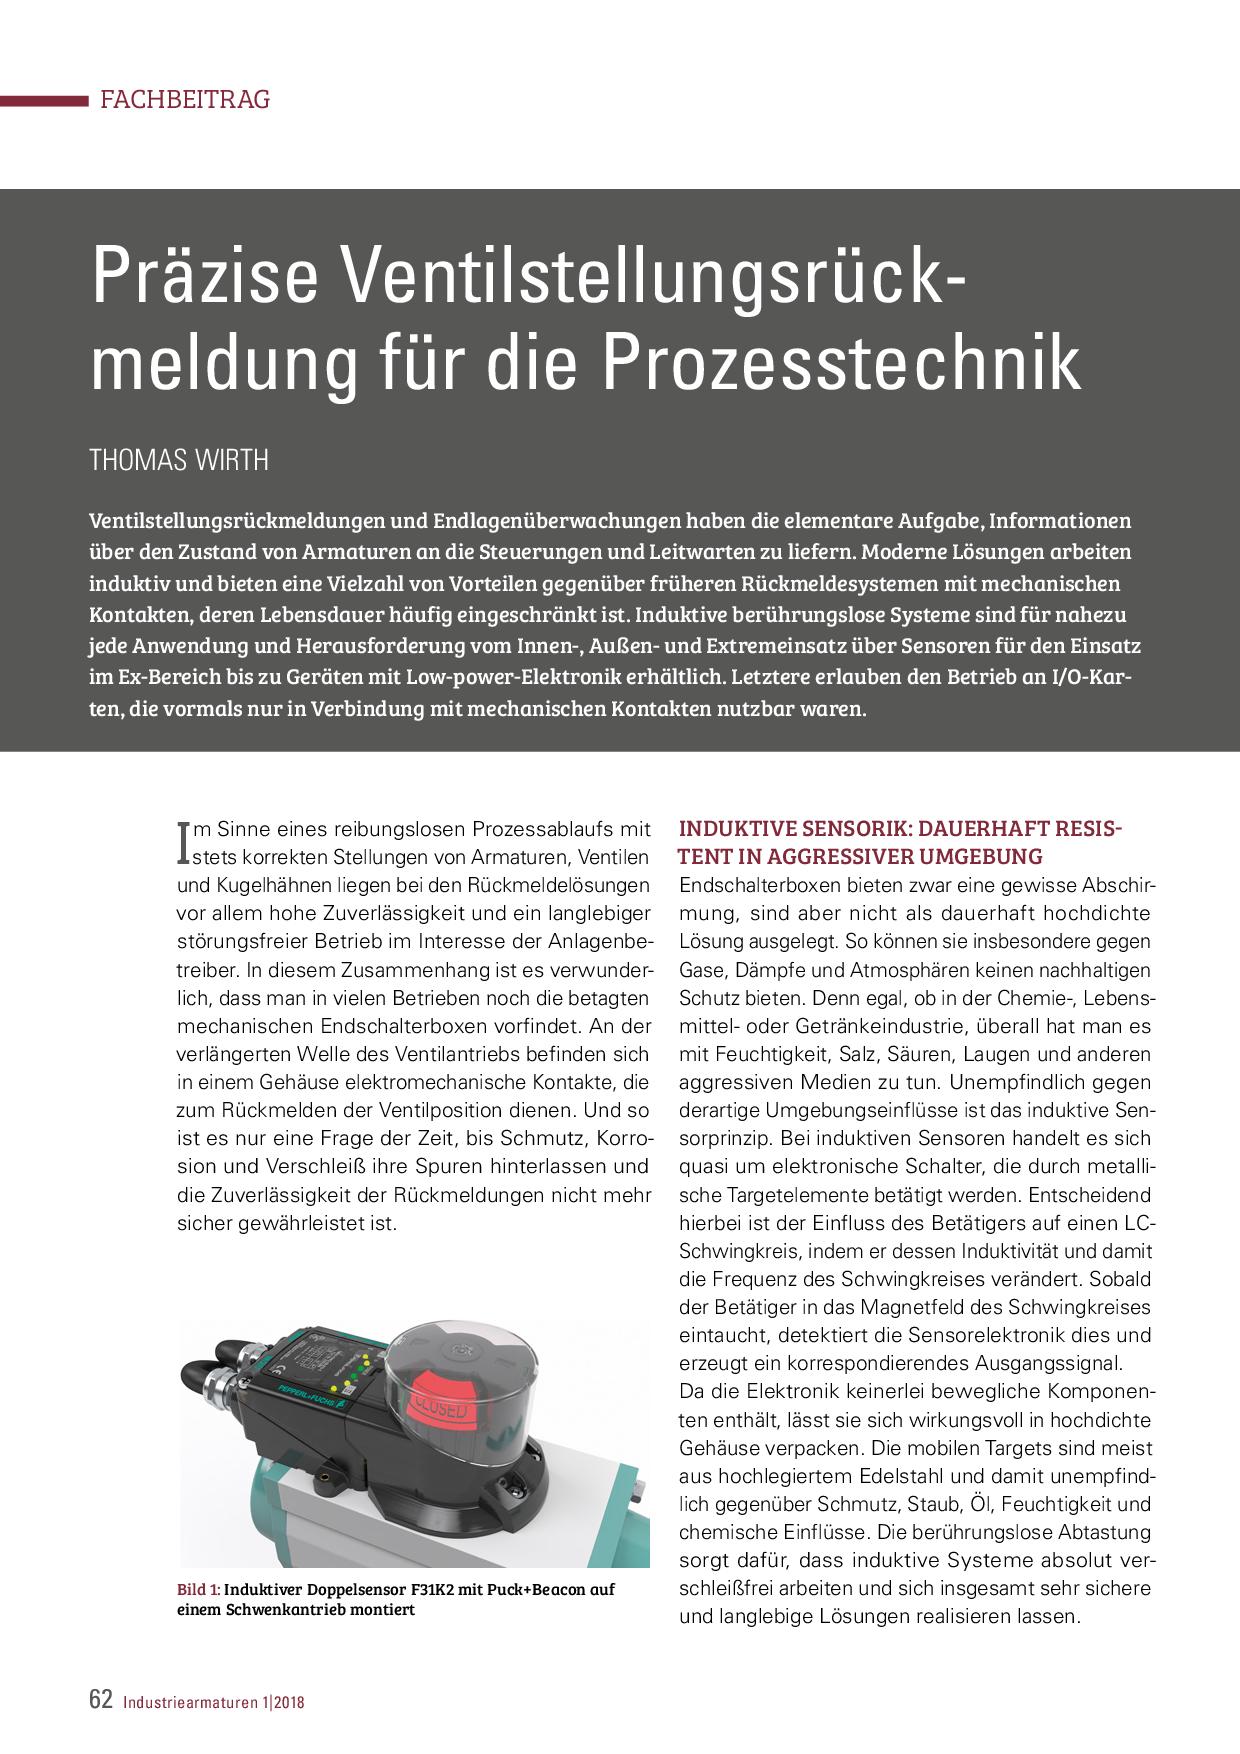 Präzise Ventilstellungsrückmeldung für die Prozesstechnik